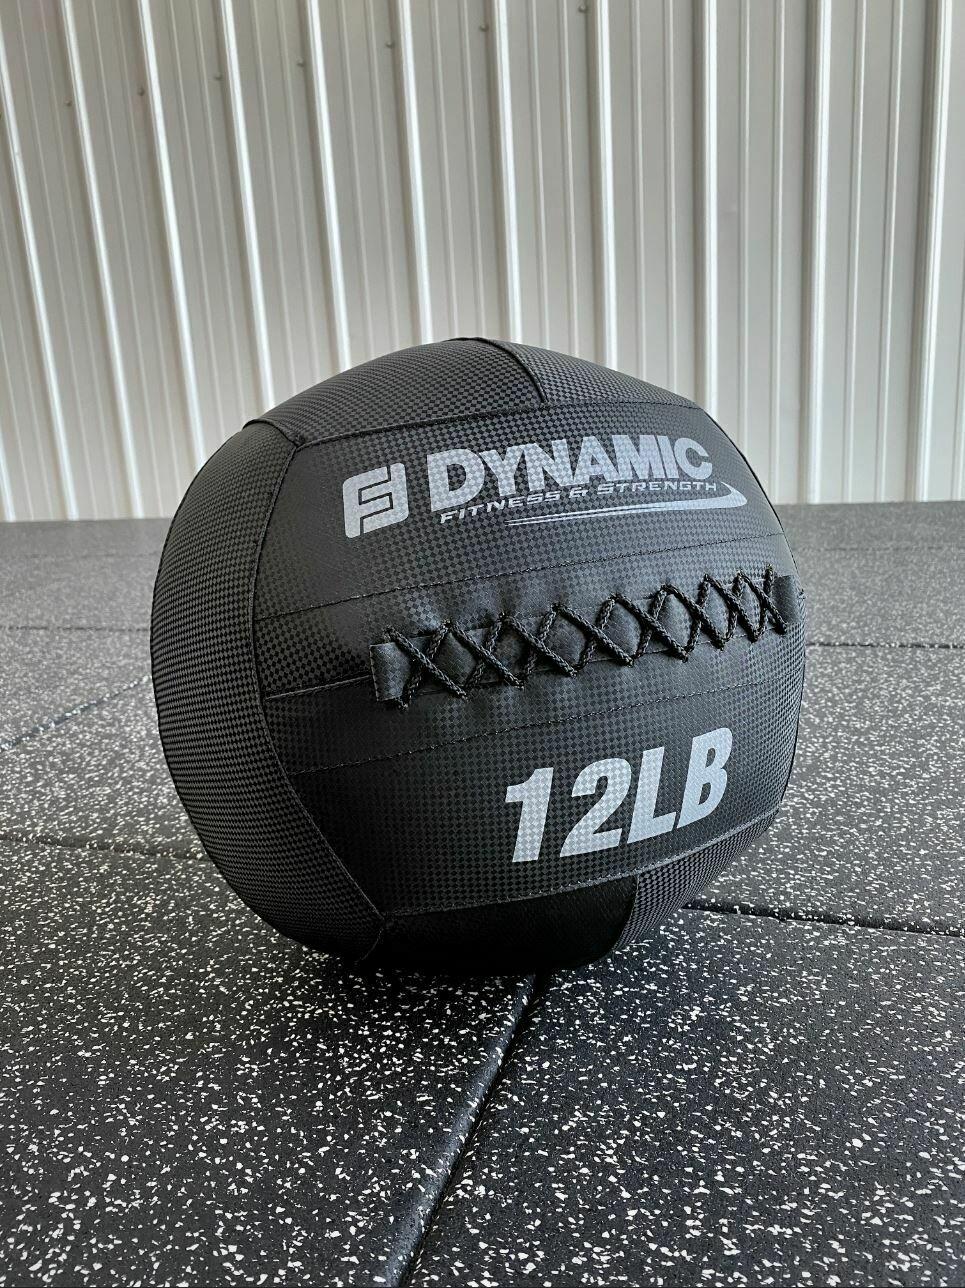 20LB Wall Ball